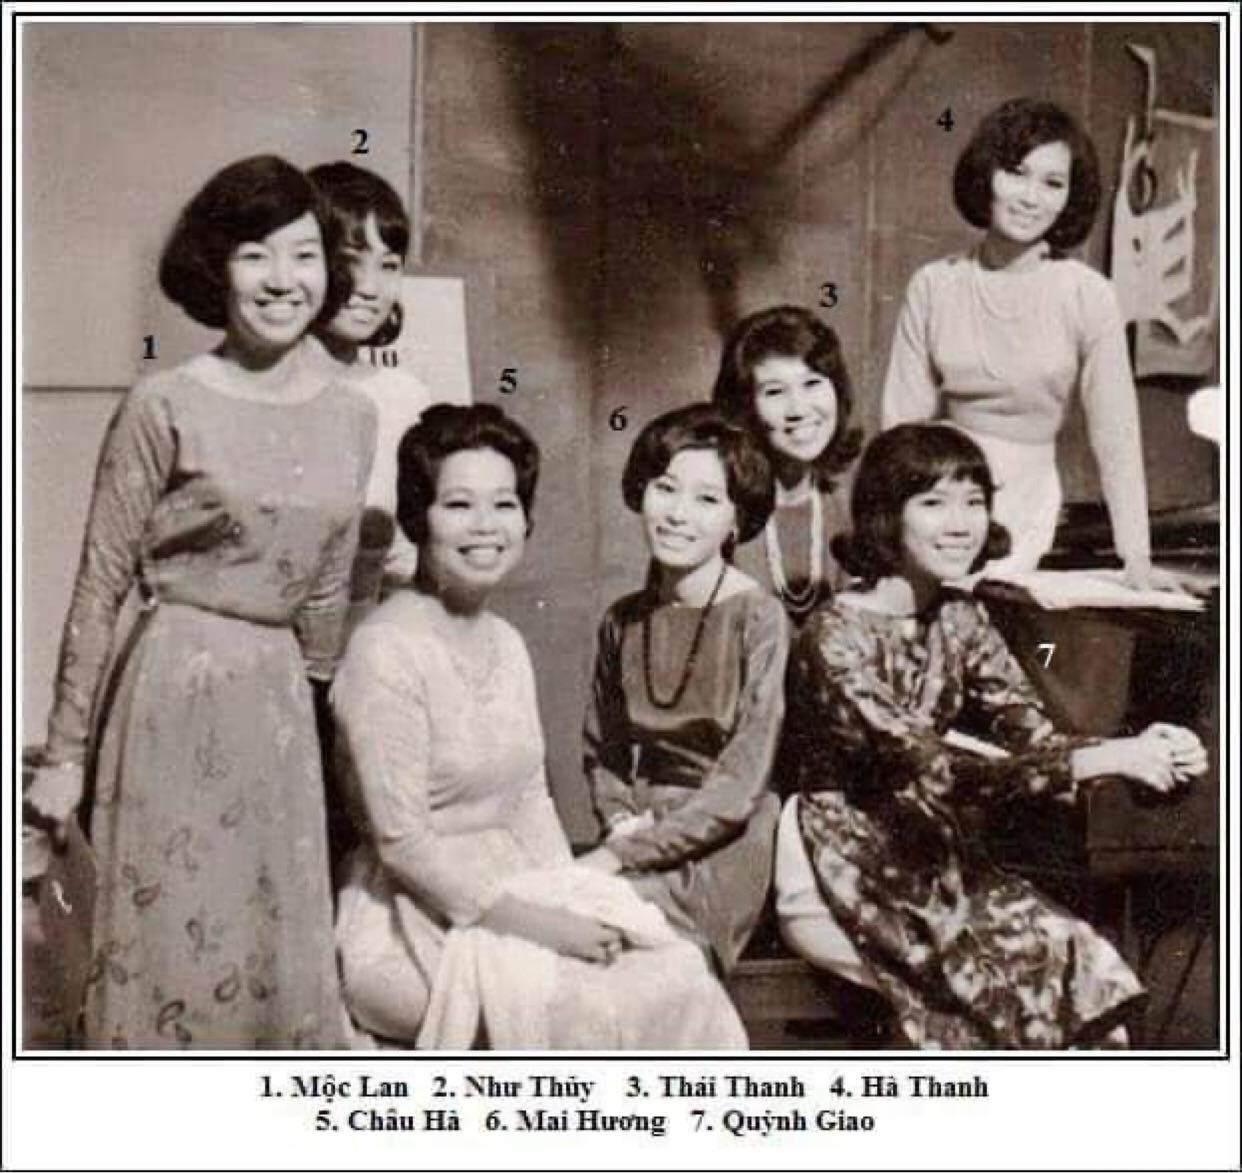 Ảnh chất lượng thấp nhưng nhan sắc chất lượng cao của các giai nhân làng nhạc thập niên 70s - 1